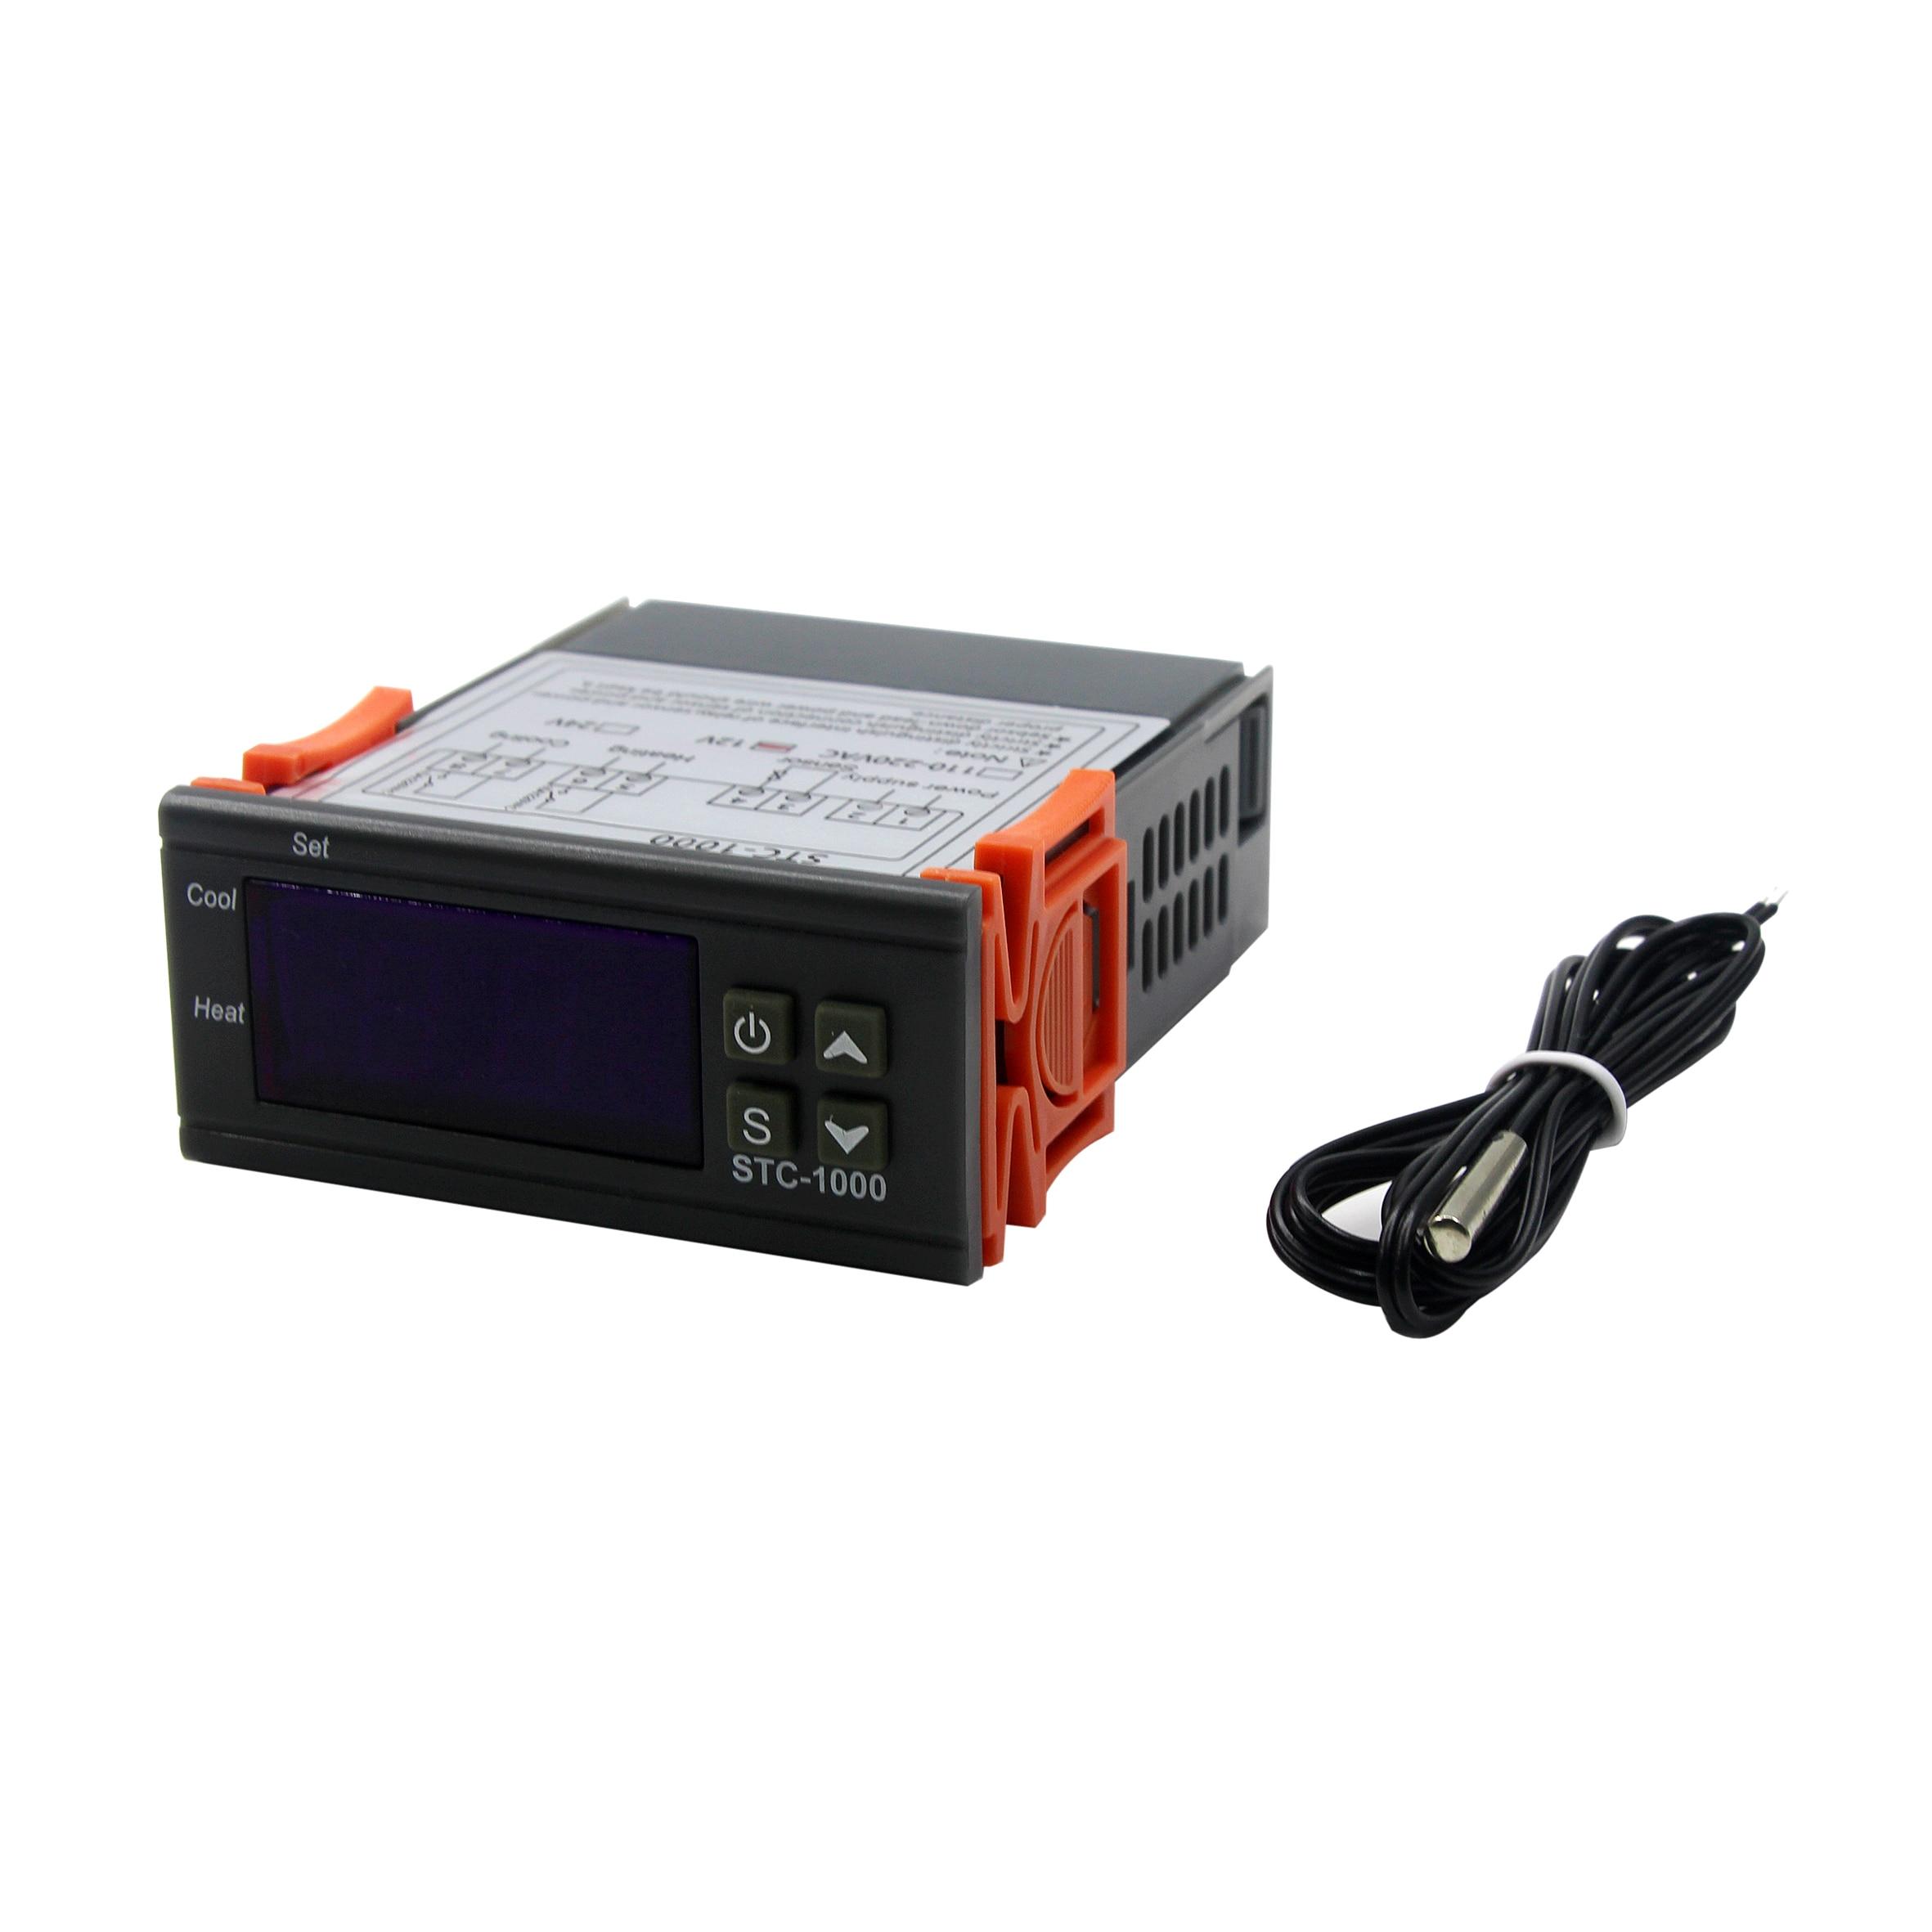 СВЕТОДИОДНЫЙ цифровой регулятор температуры STC-1000 12 В 12 в 24 В 220 В термостат и управление кулером нагревателя